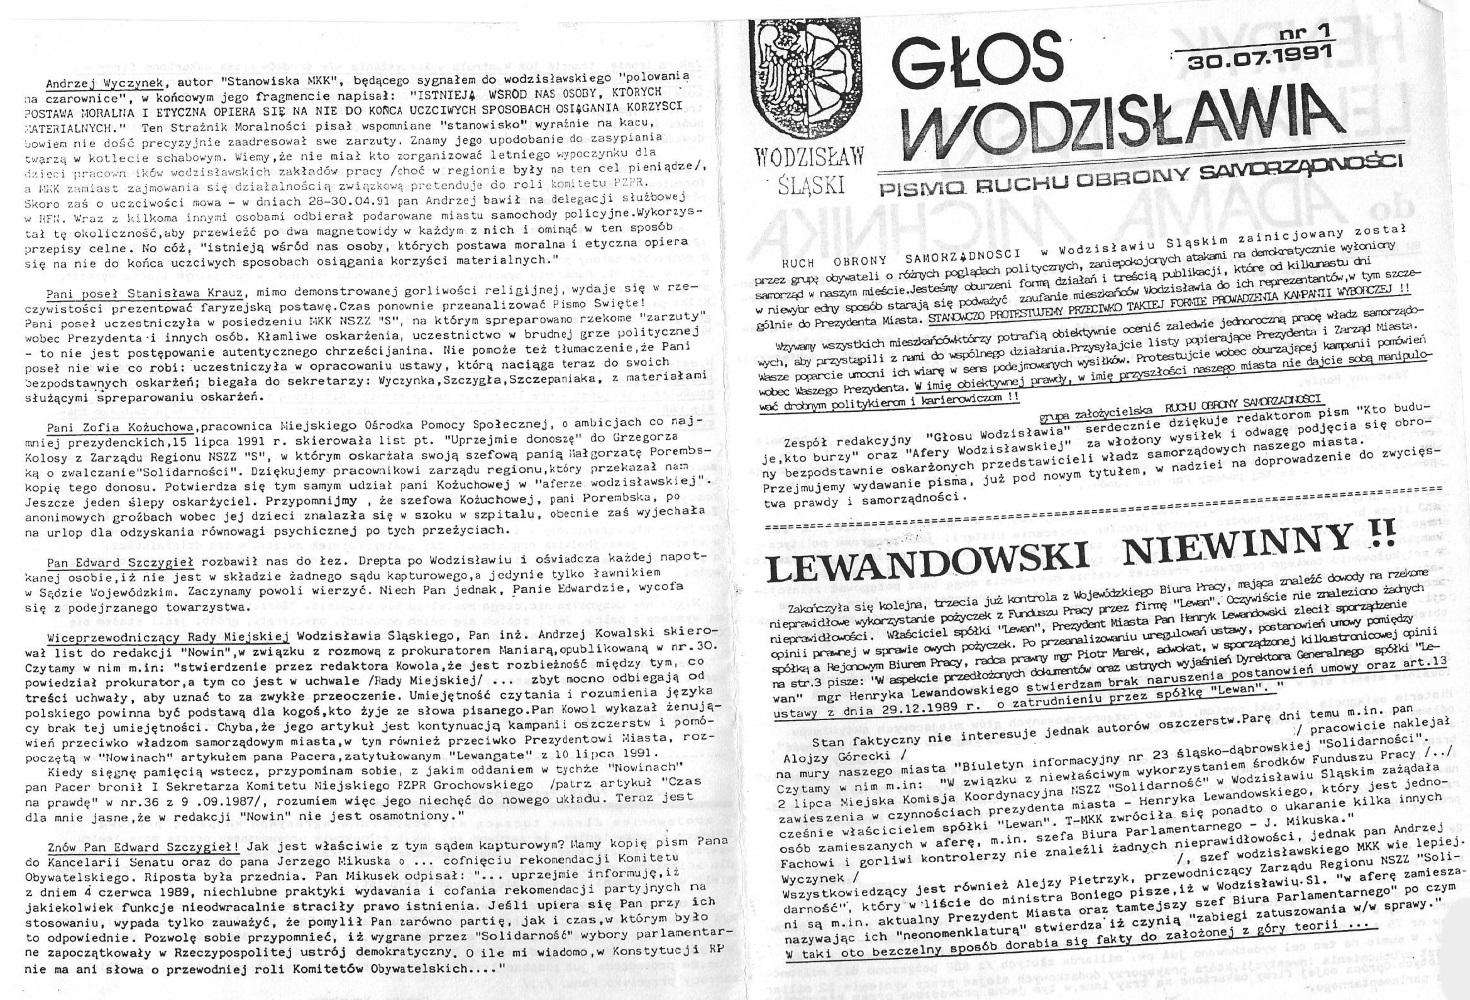 1991-07-30_Glos_Wodzislawia_1 Głos Wodzisławia